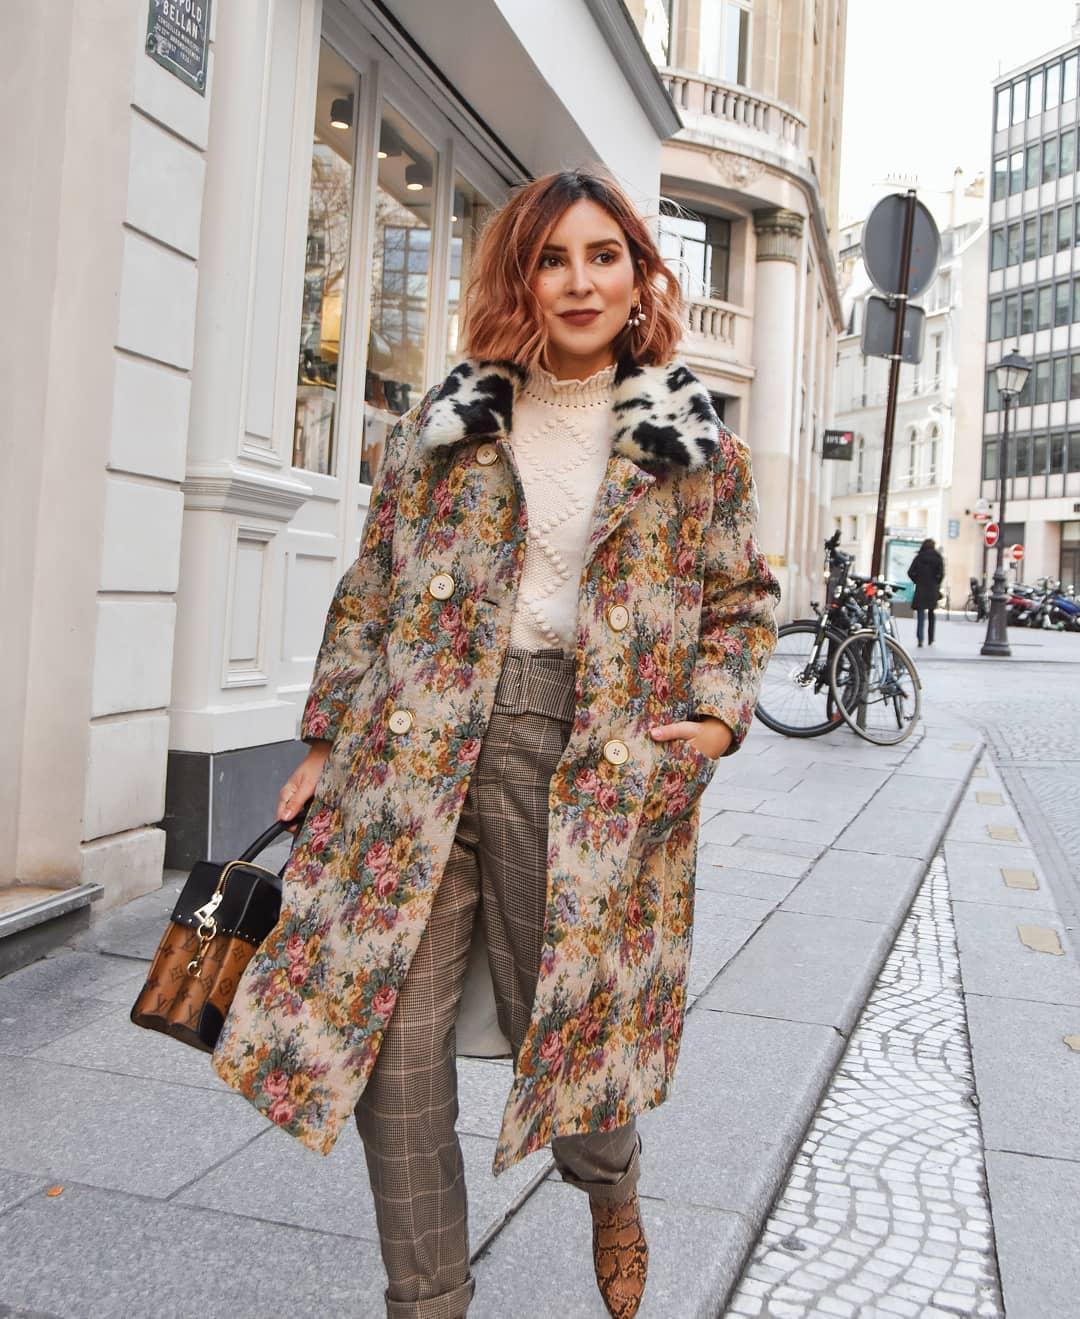 модные луки зимы 2020 для женщин 40-50 лет фото 14